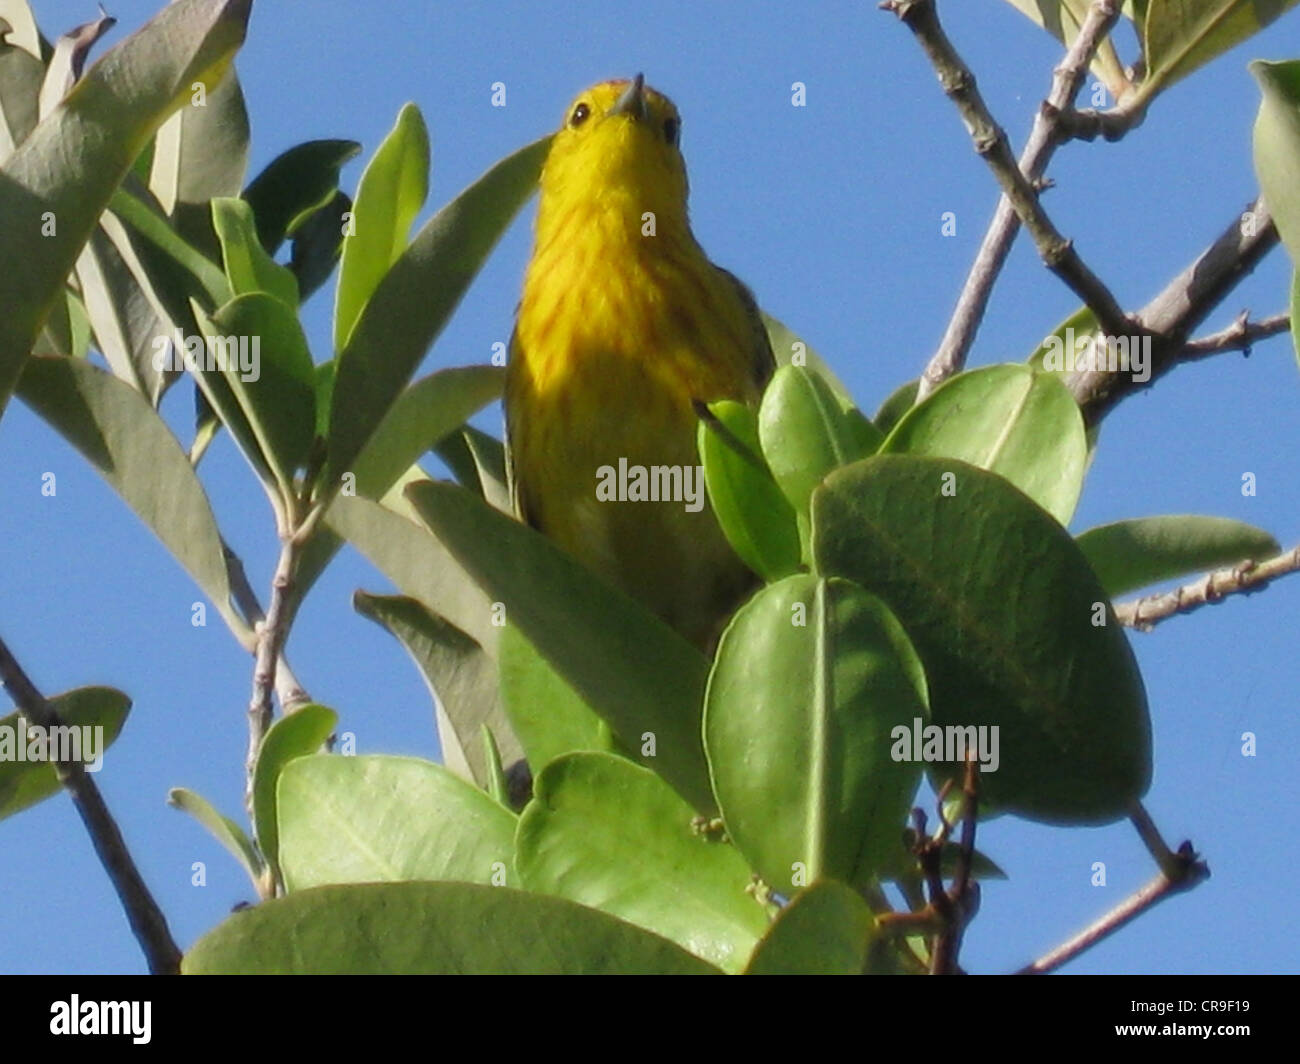 Yellow warbler on tree taken from below - Stock Image